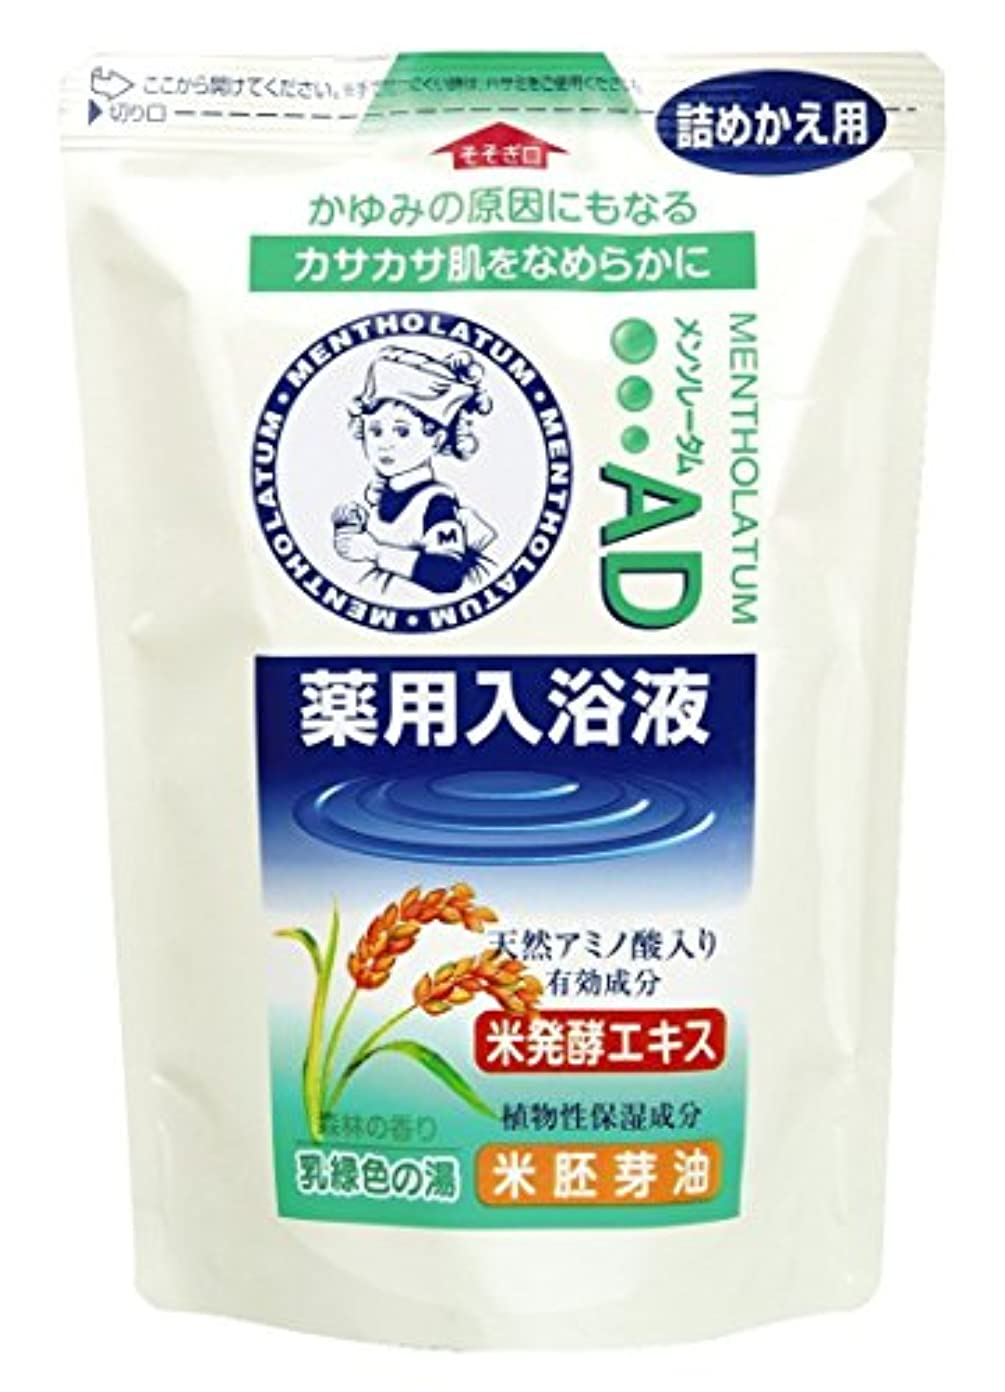 チューブ答えエクスタシーメンソレータムAD薬用入浴液 やすらぐ森林の香り(詰替用) 600ml